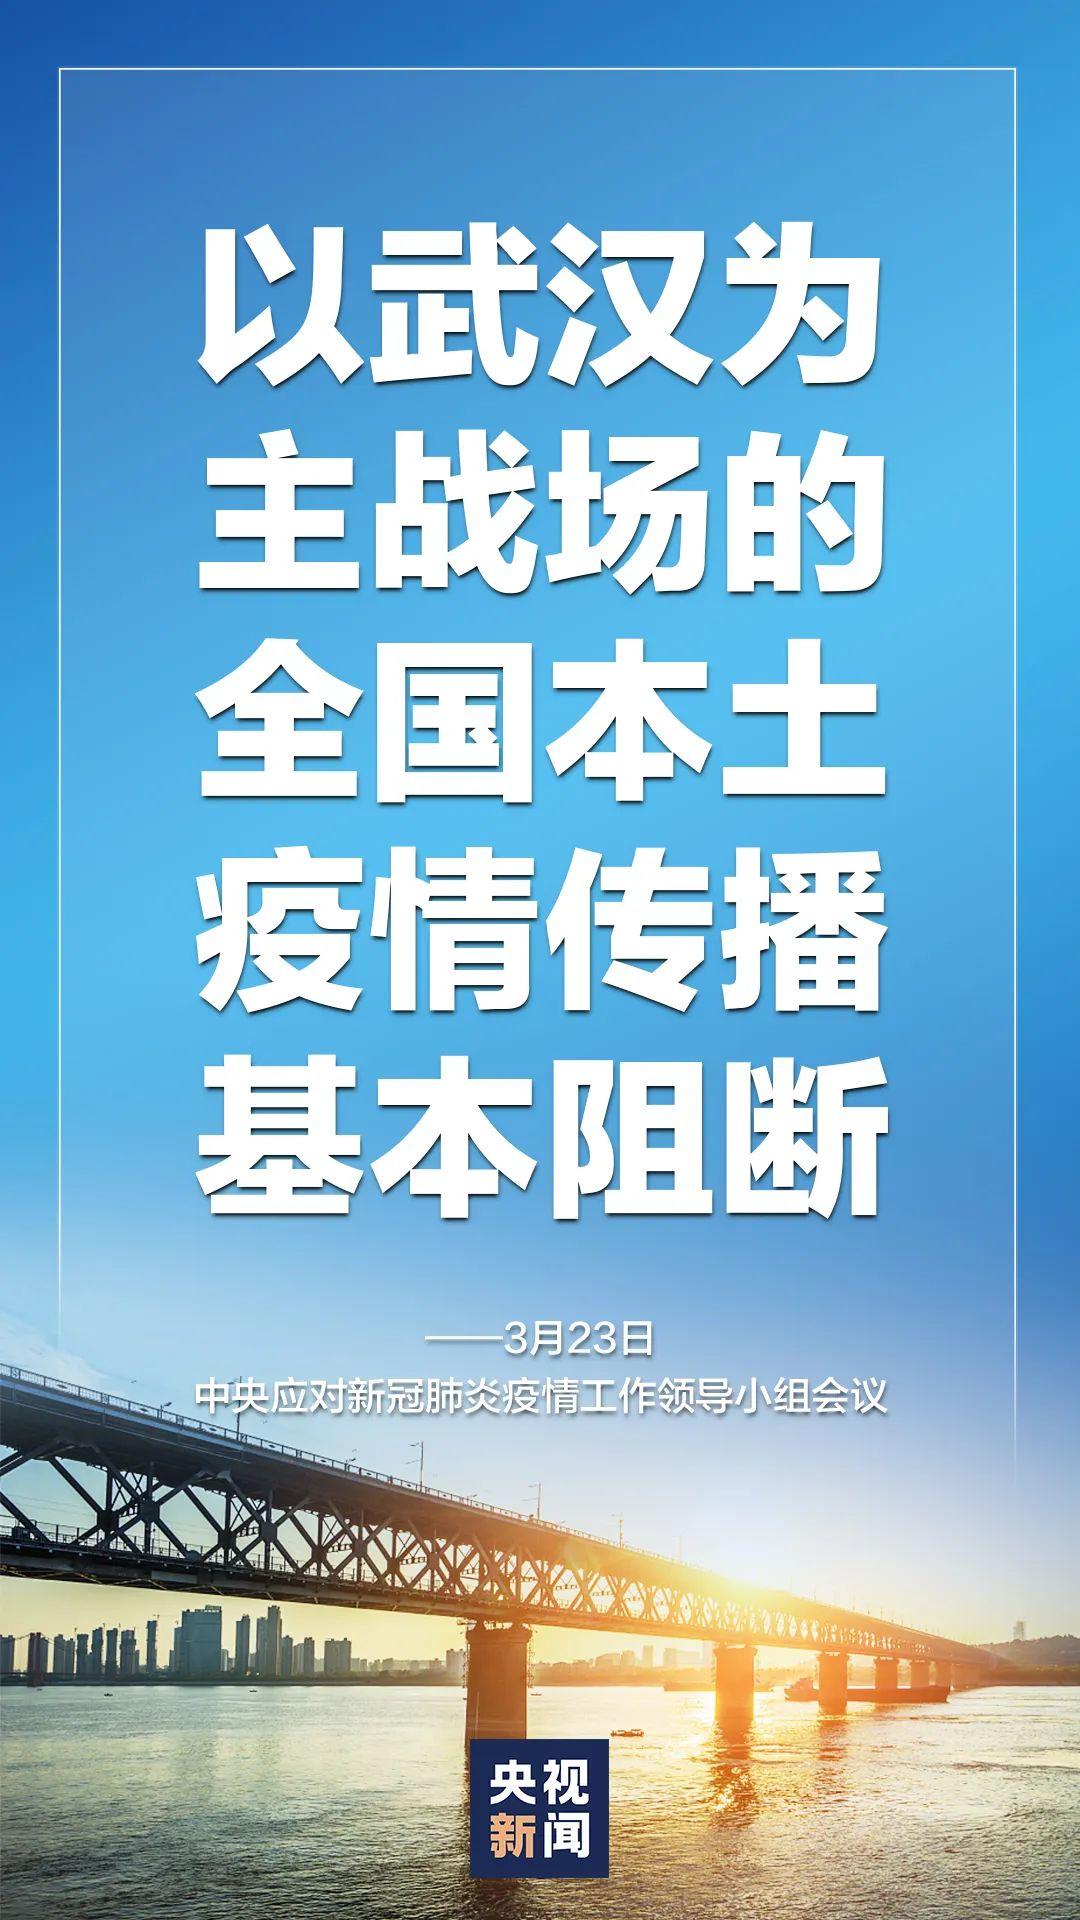 中央明确:以武汉为主战场的全国本土疫情传播基本阻断图片